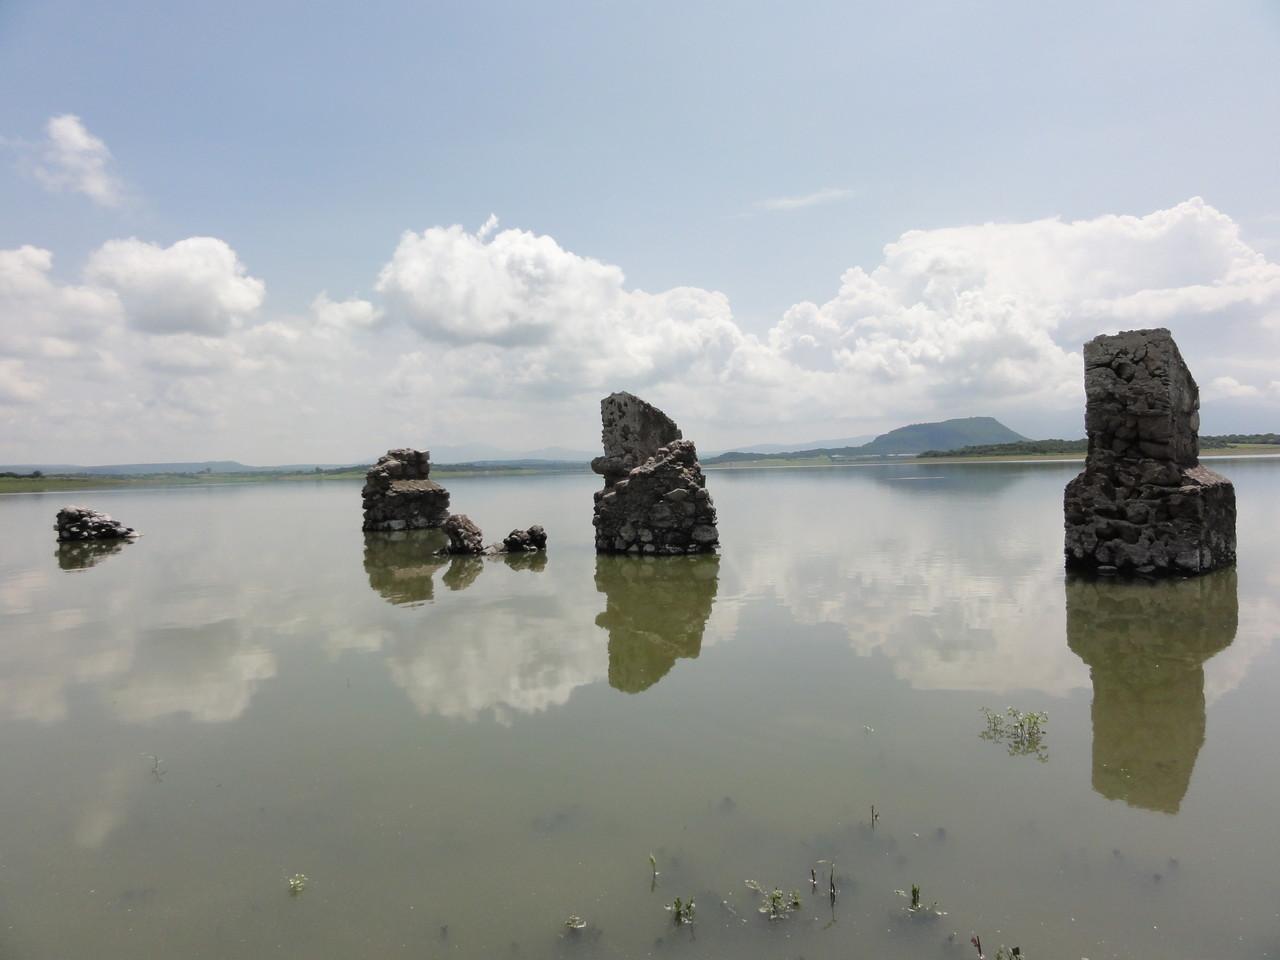 el agua tenía un magnetisma especial como escondiendo un misterio antiguo